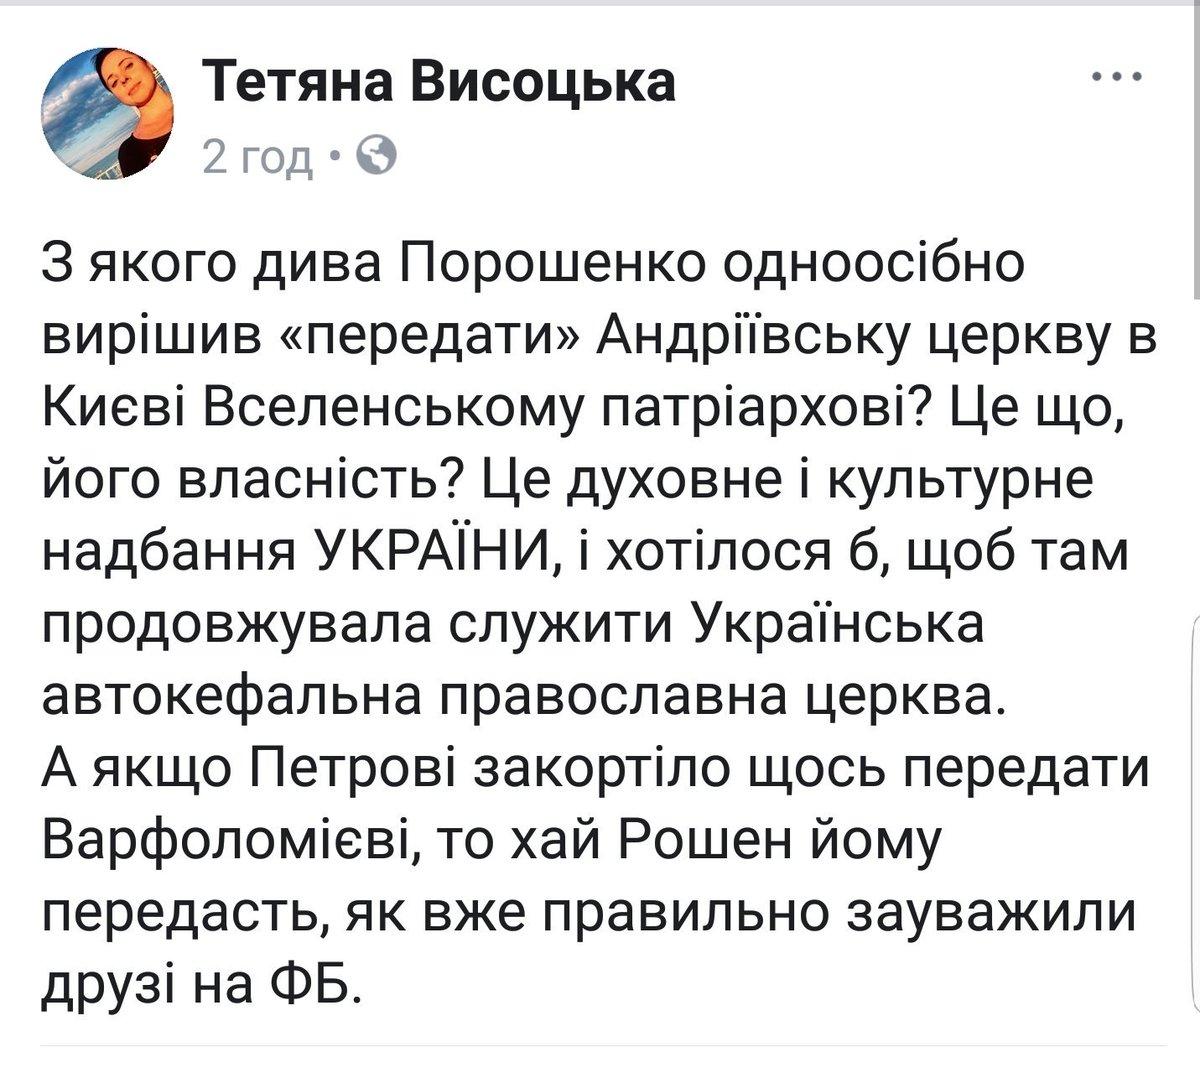 Порошенко пропонує передати Андріївську церкву в постійне користування Вселенському патріарха, - Ірина Луценко - Цензор.НЕТ 981